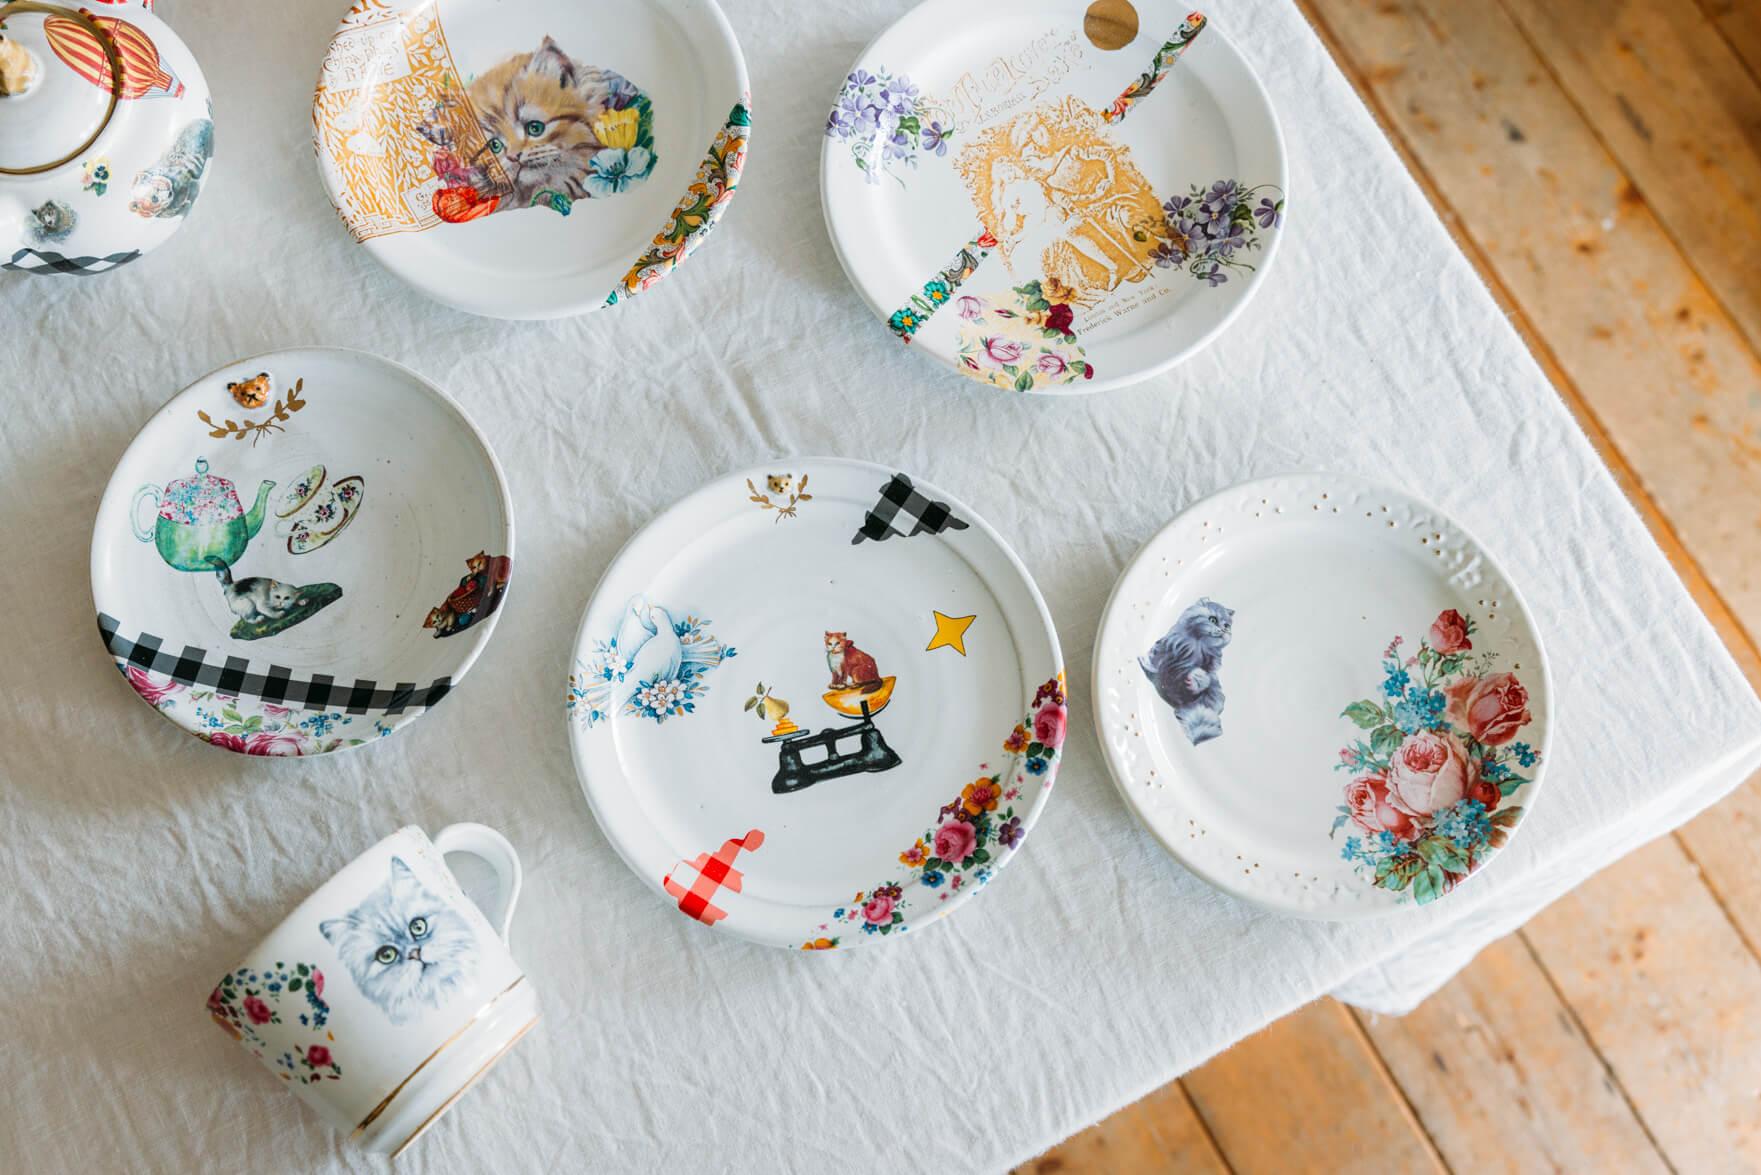 比留間郁美 hirumaikumi 通販 陶器 作品